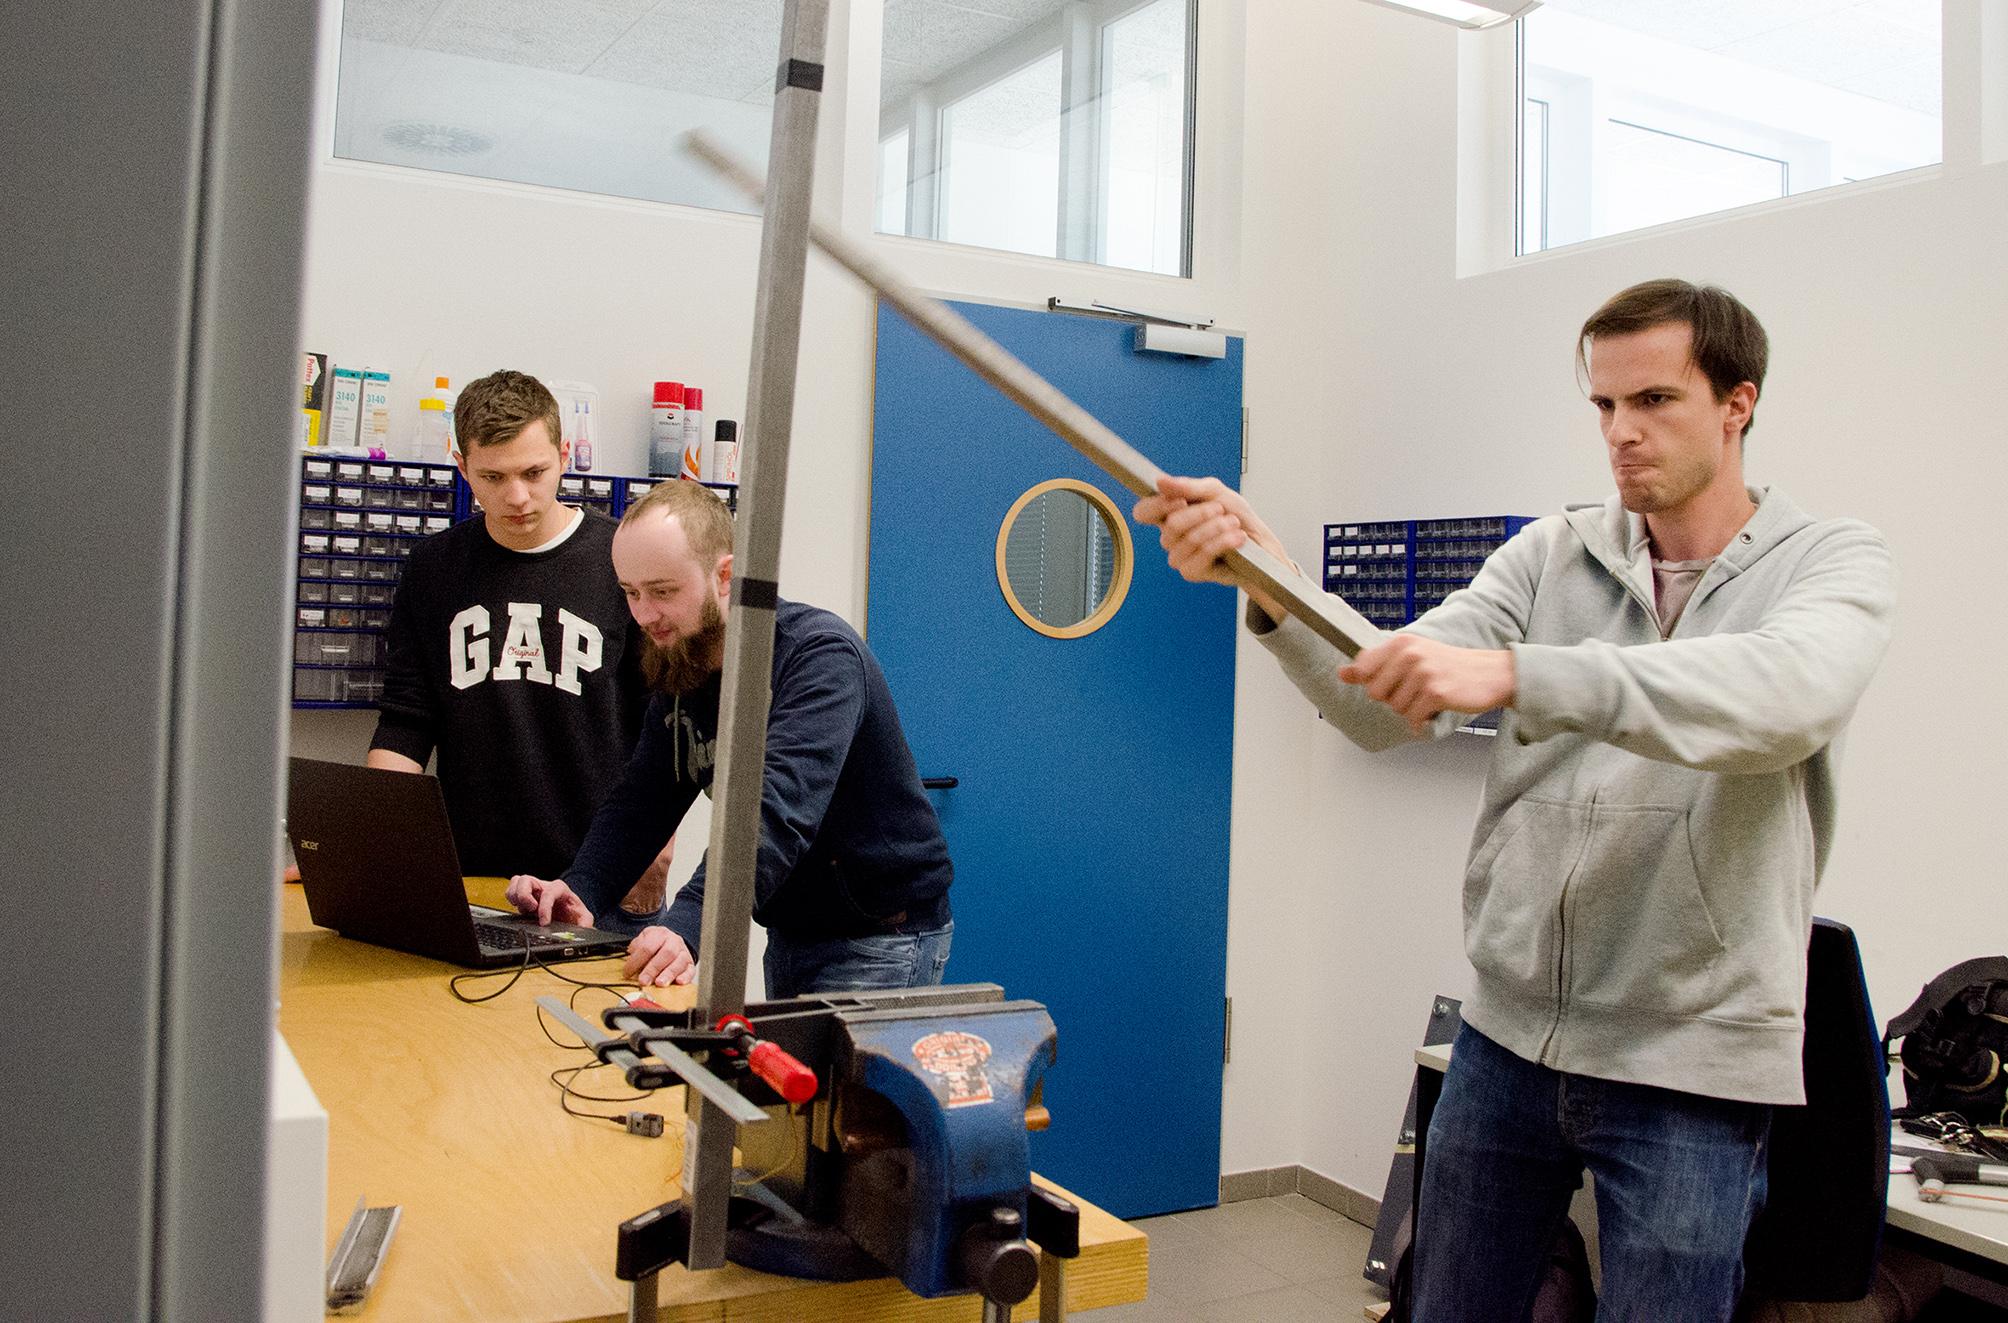 Lukas Fischer und Benjamin Roß messen die elektrische Spannung, die auf das Prothesen-Modell wirkt, Nils Knauseder imitiert mit einem Vierkantrohr Schwerthiebe.